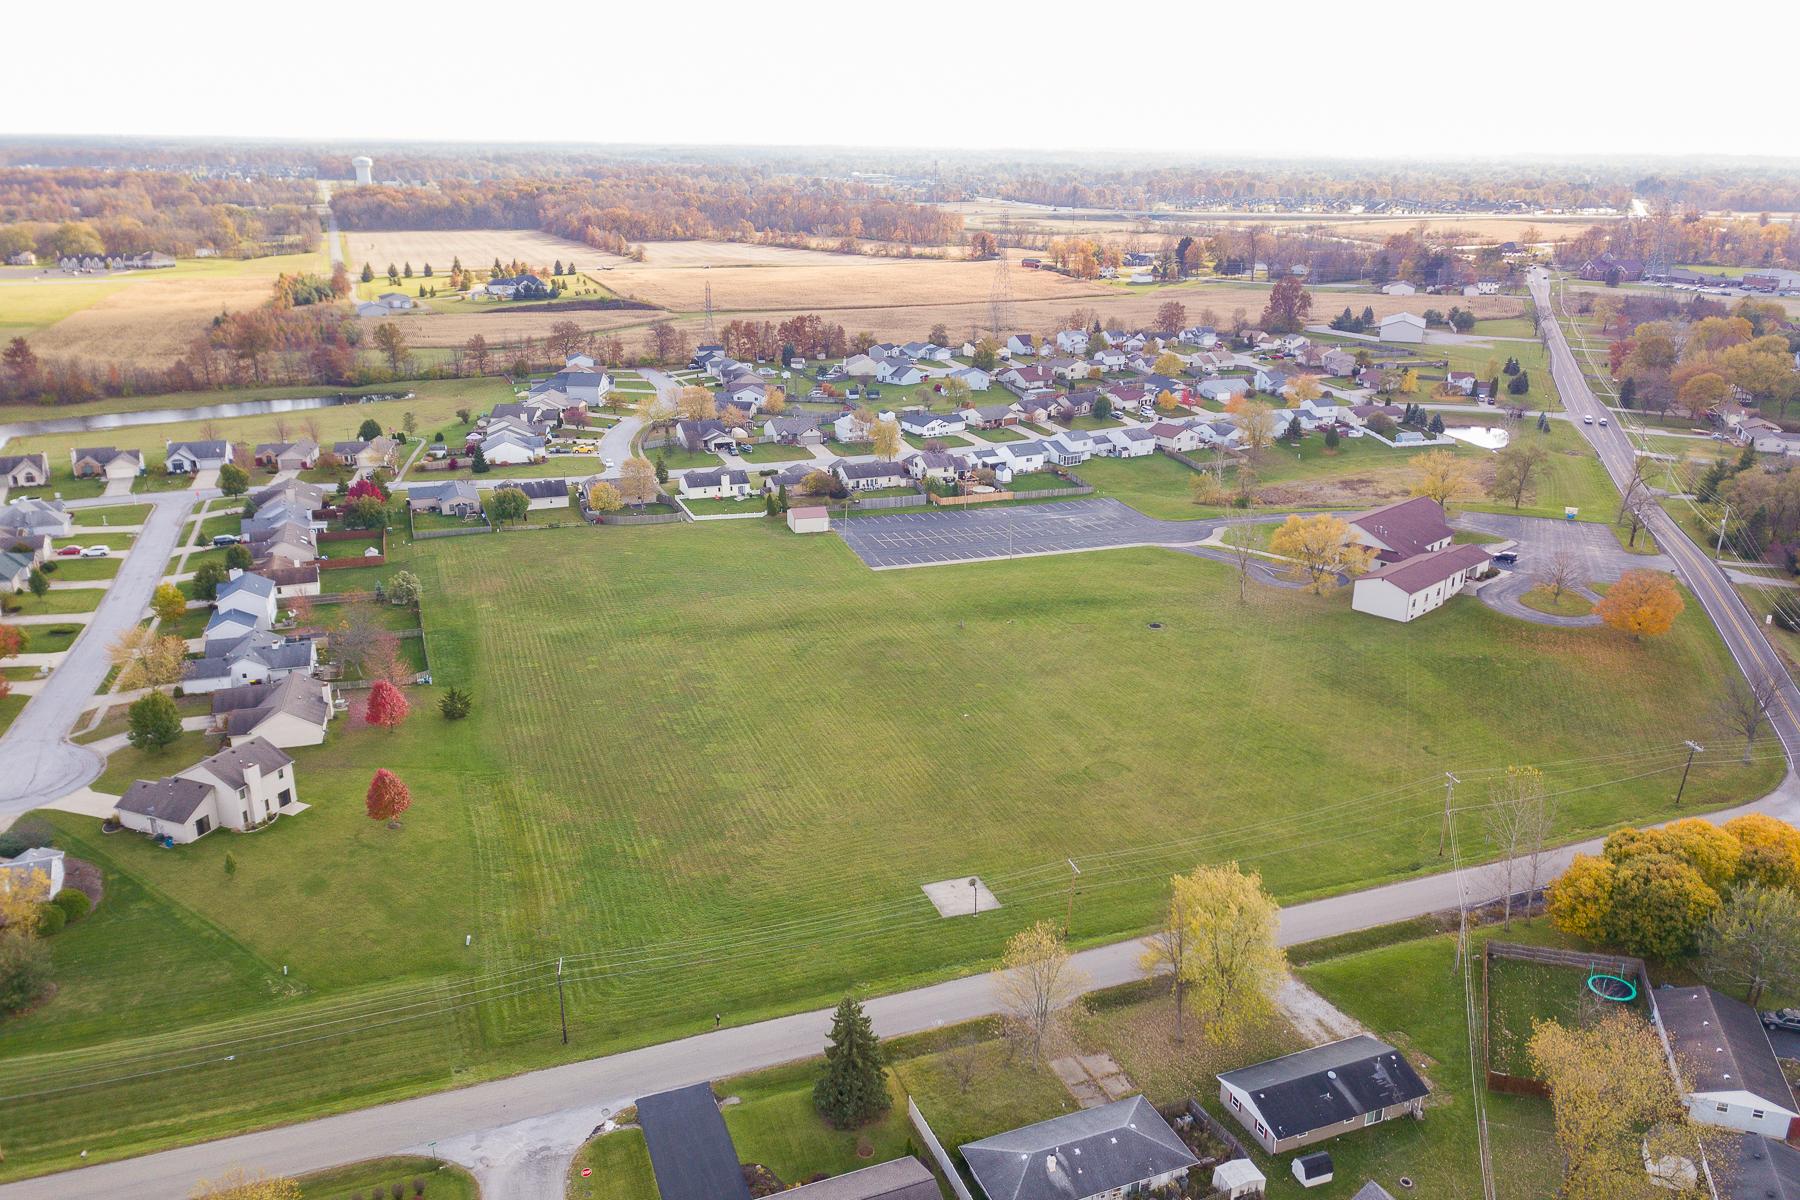 Terreno por un Venta en 4. 5 Vacant Acres 9600 Saint Joe Road Fort Wayne, Indiana 46835 Estados Unidos